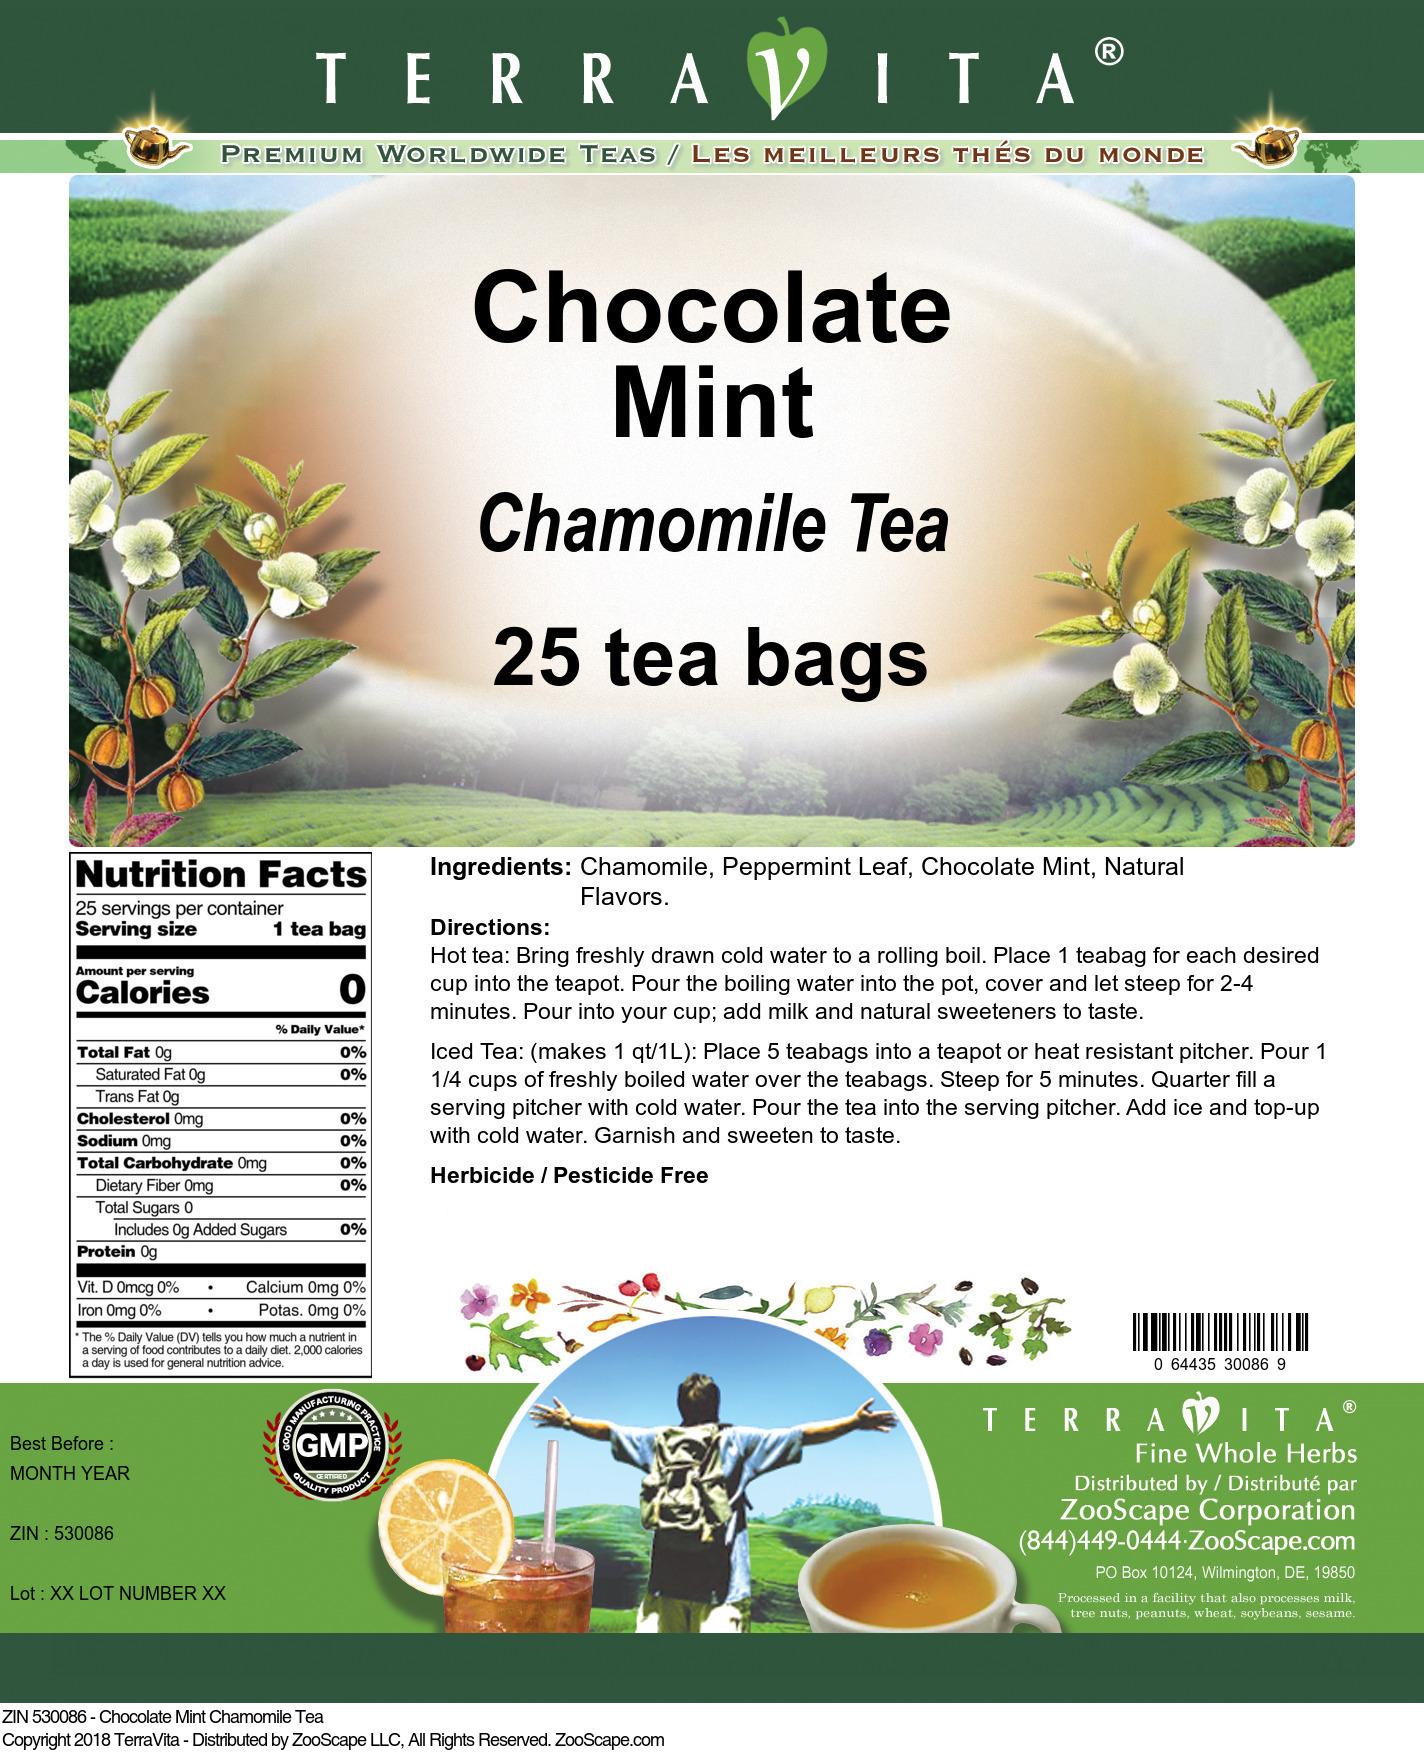 Chocolate Mint Chamomile Tea